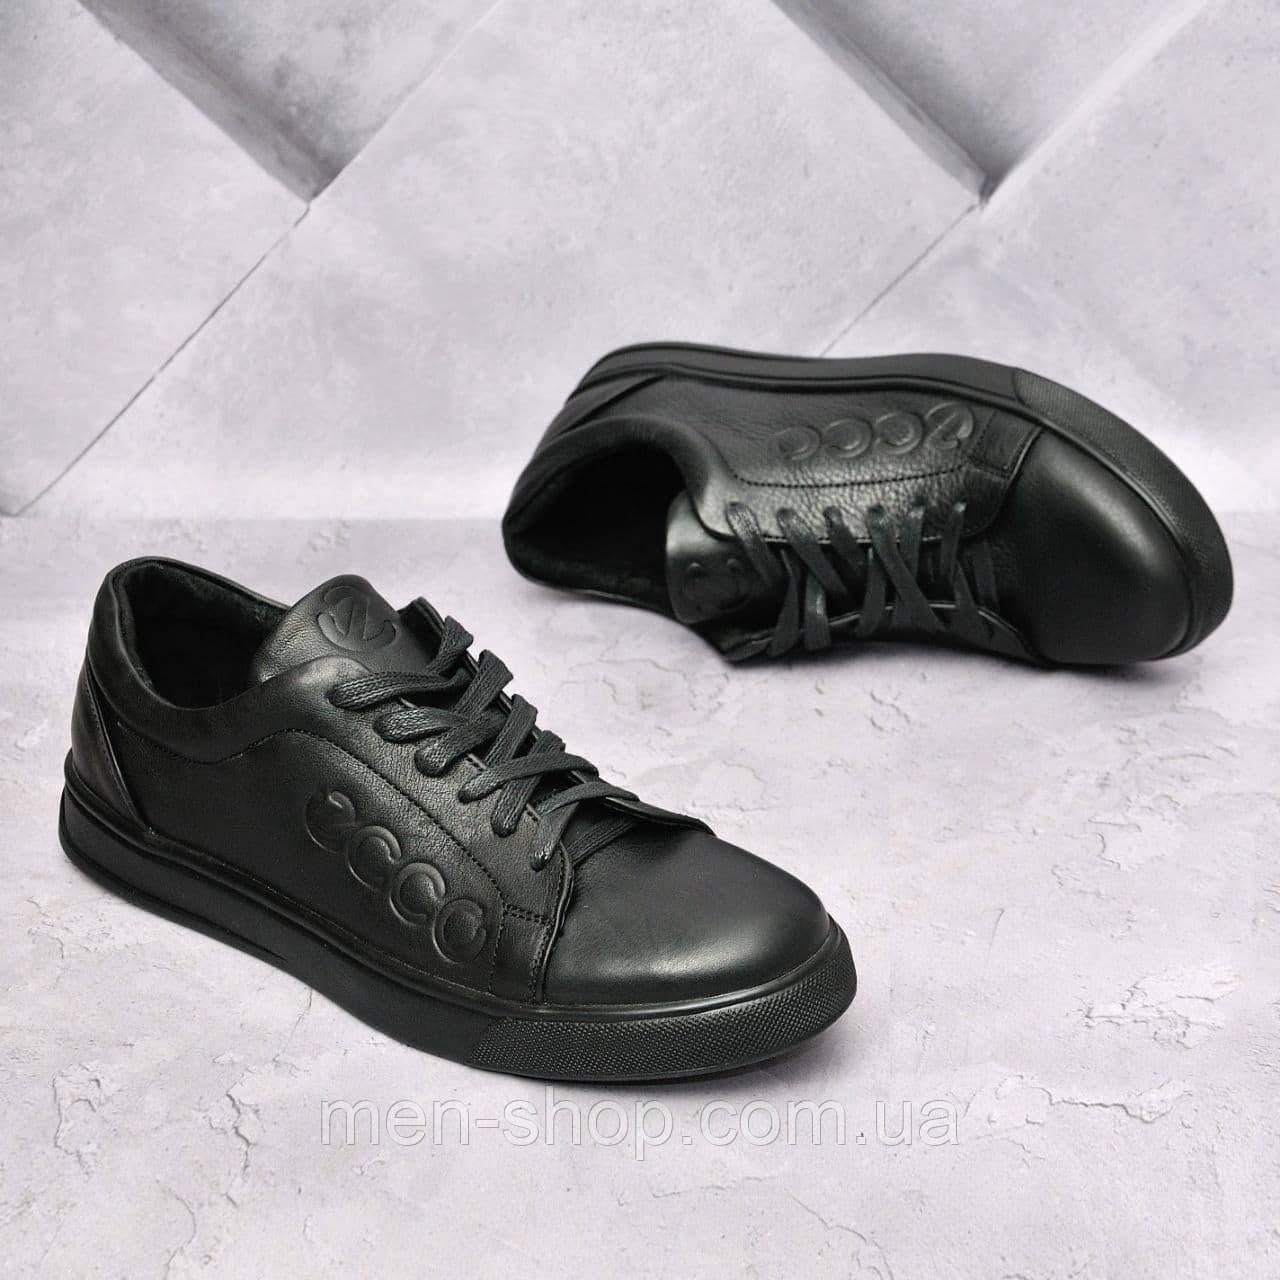 Чоловічі шкіряні кросівки Ecco